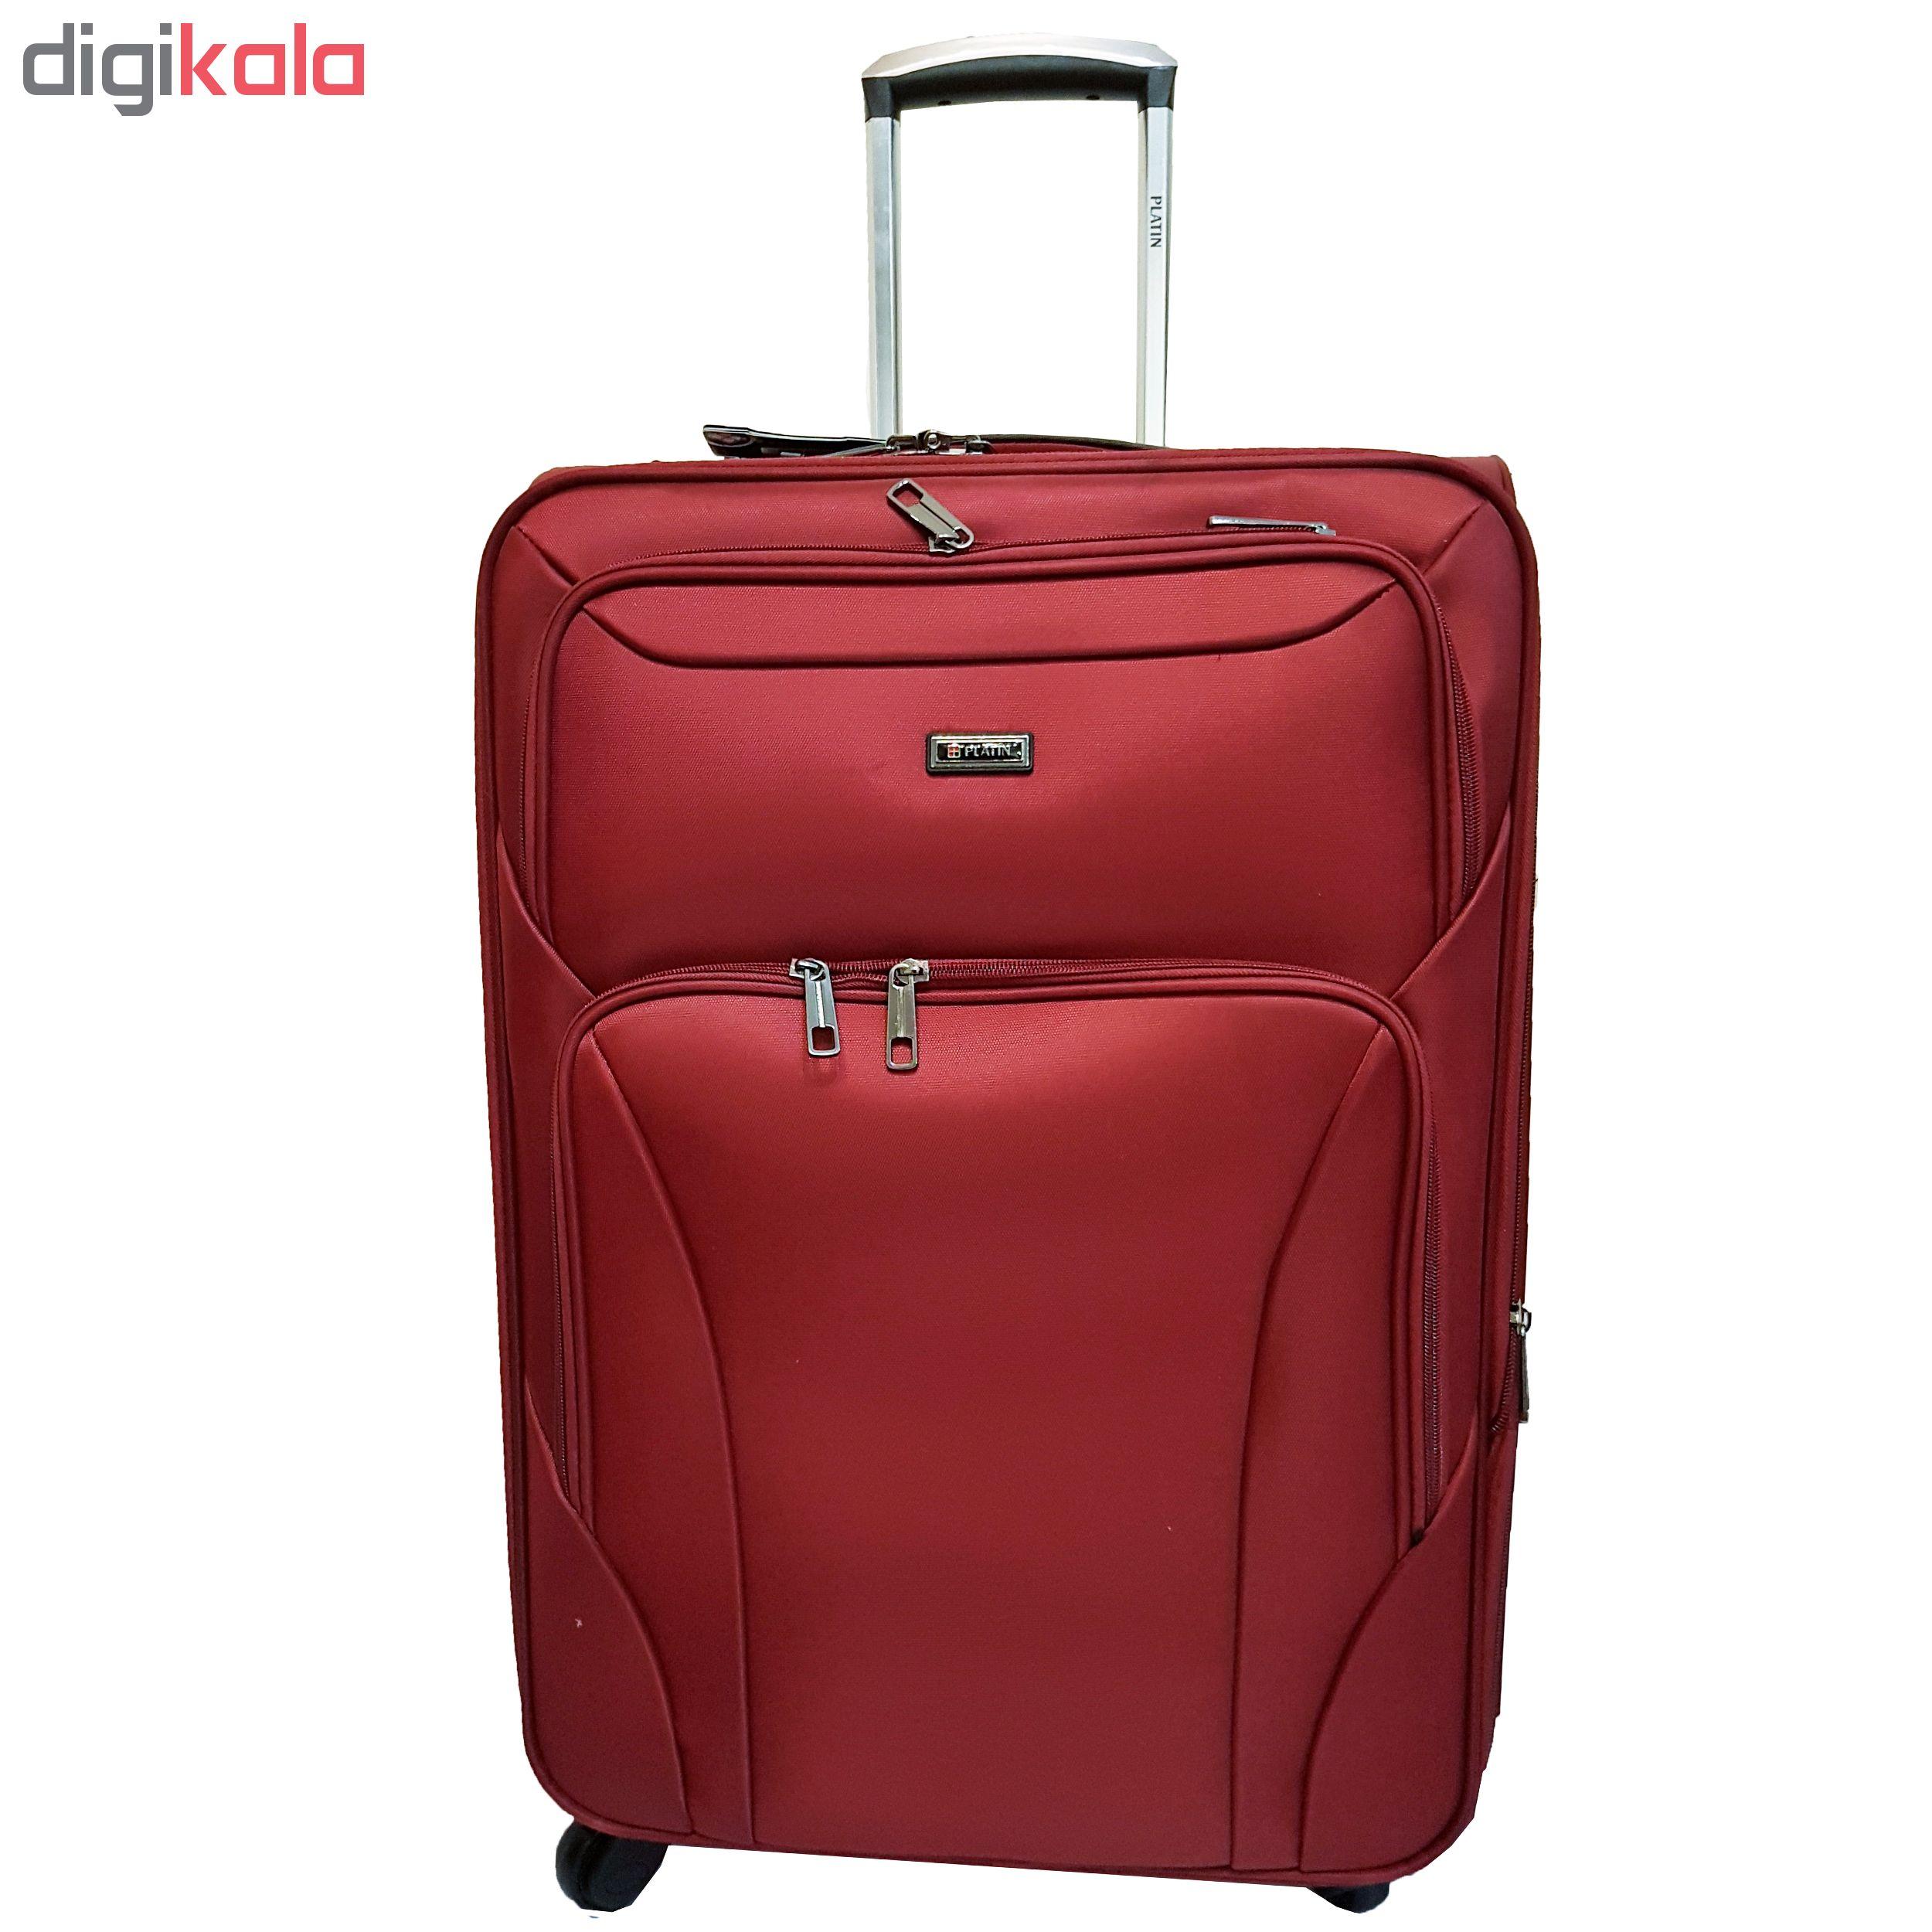 چمدان پلاتین کد 001-24